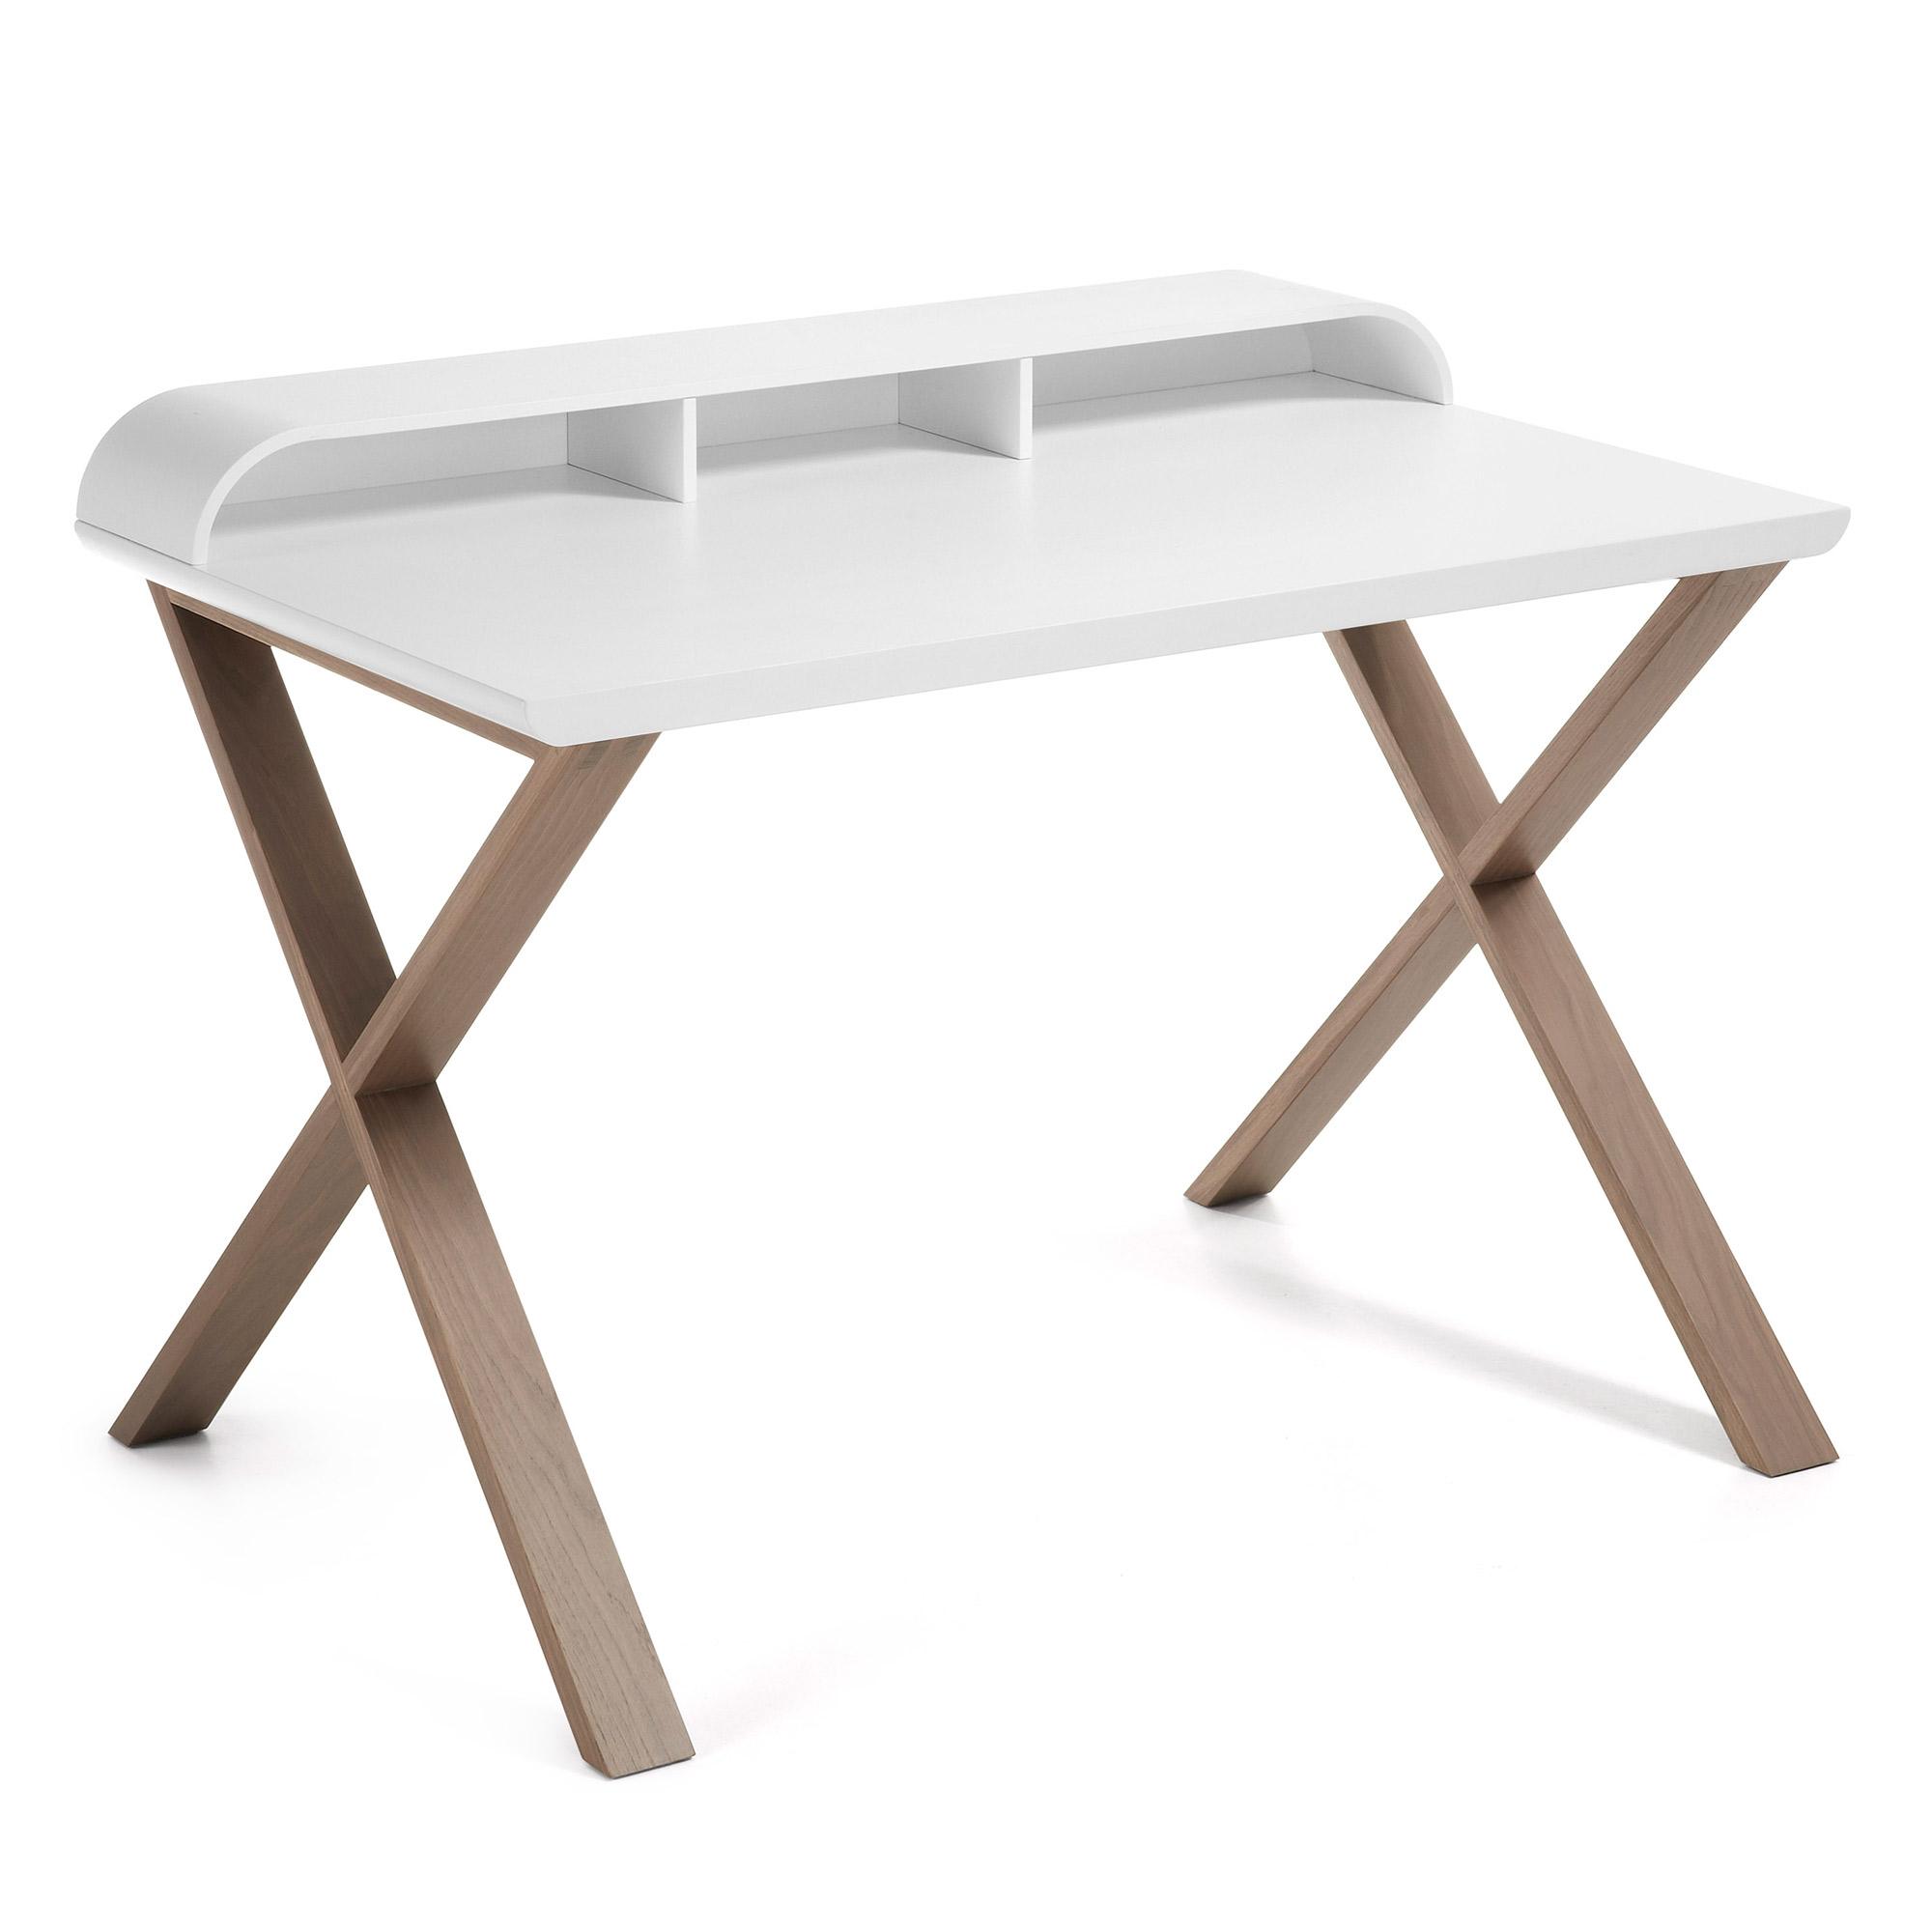 laforma Laforma success skrivebord - hvid/grå træ/egetræ, rektangulær (120x79) på boboonline.dk